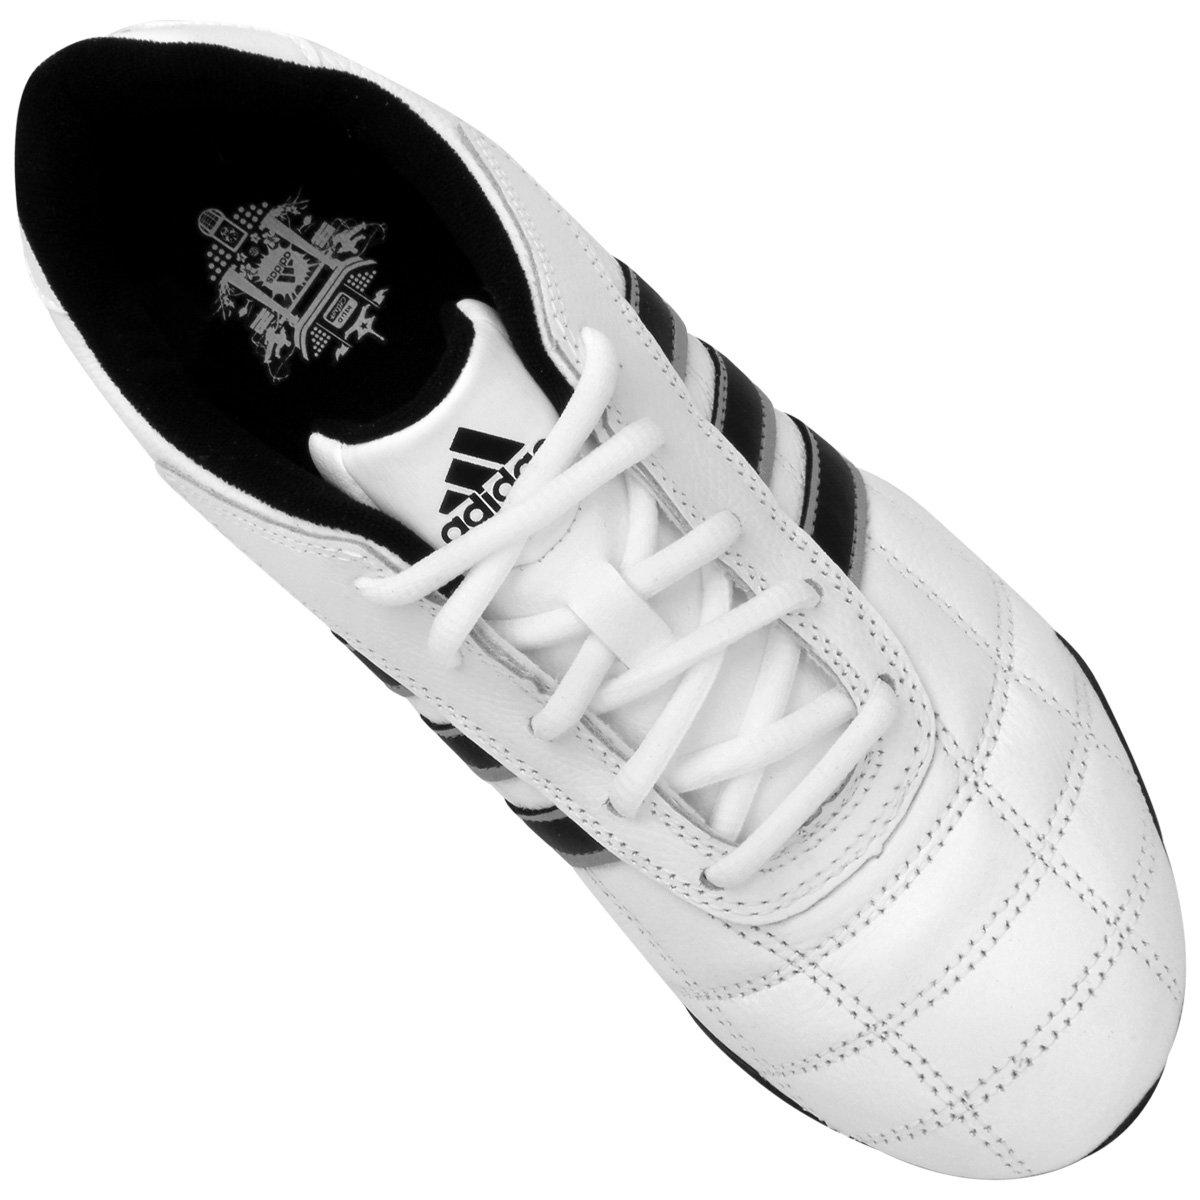 e5c0a1e9cb Tênis Adidas Kundo 2 - Compre Agora